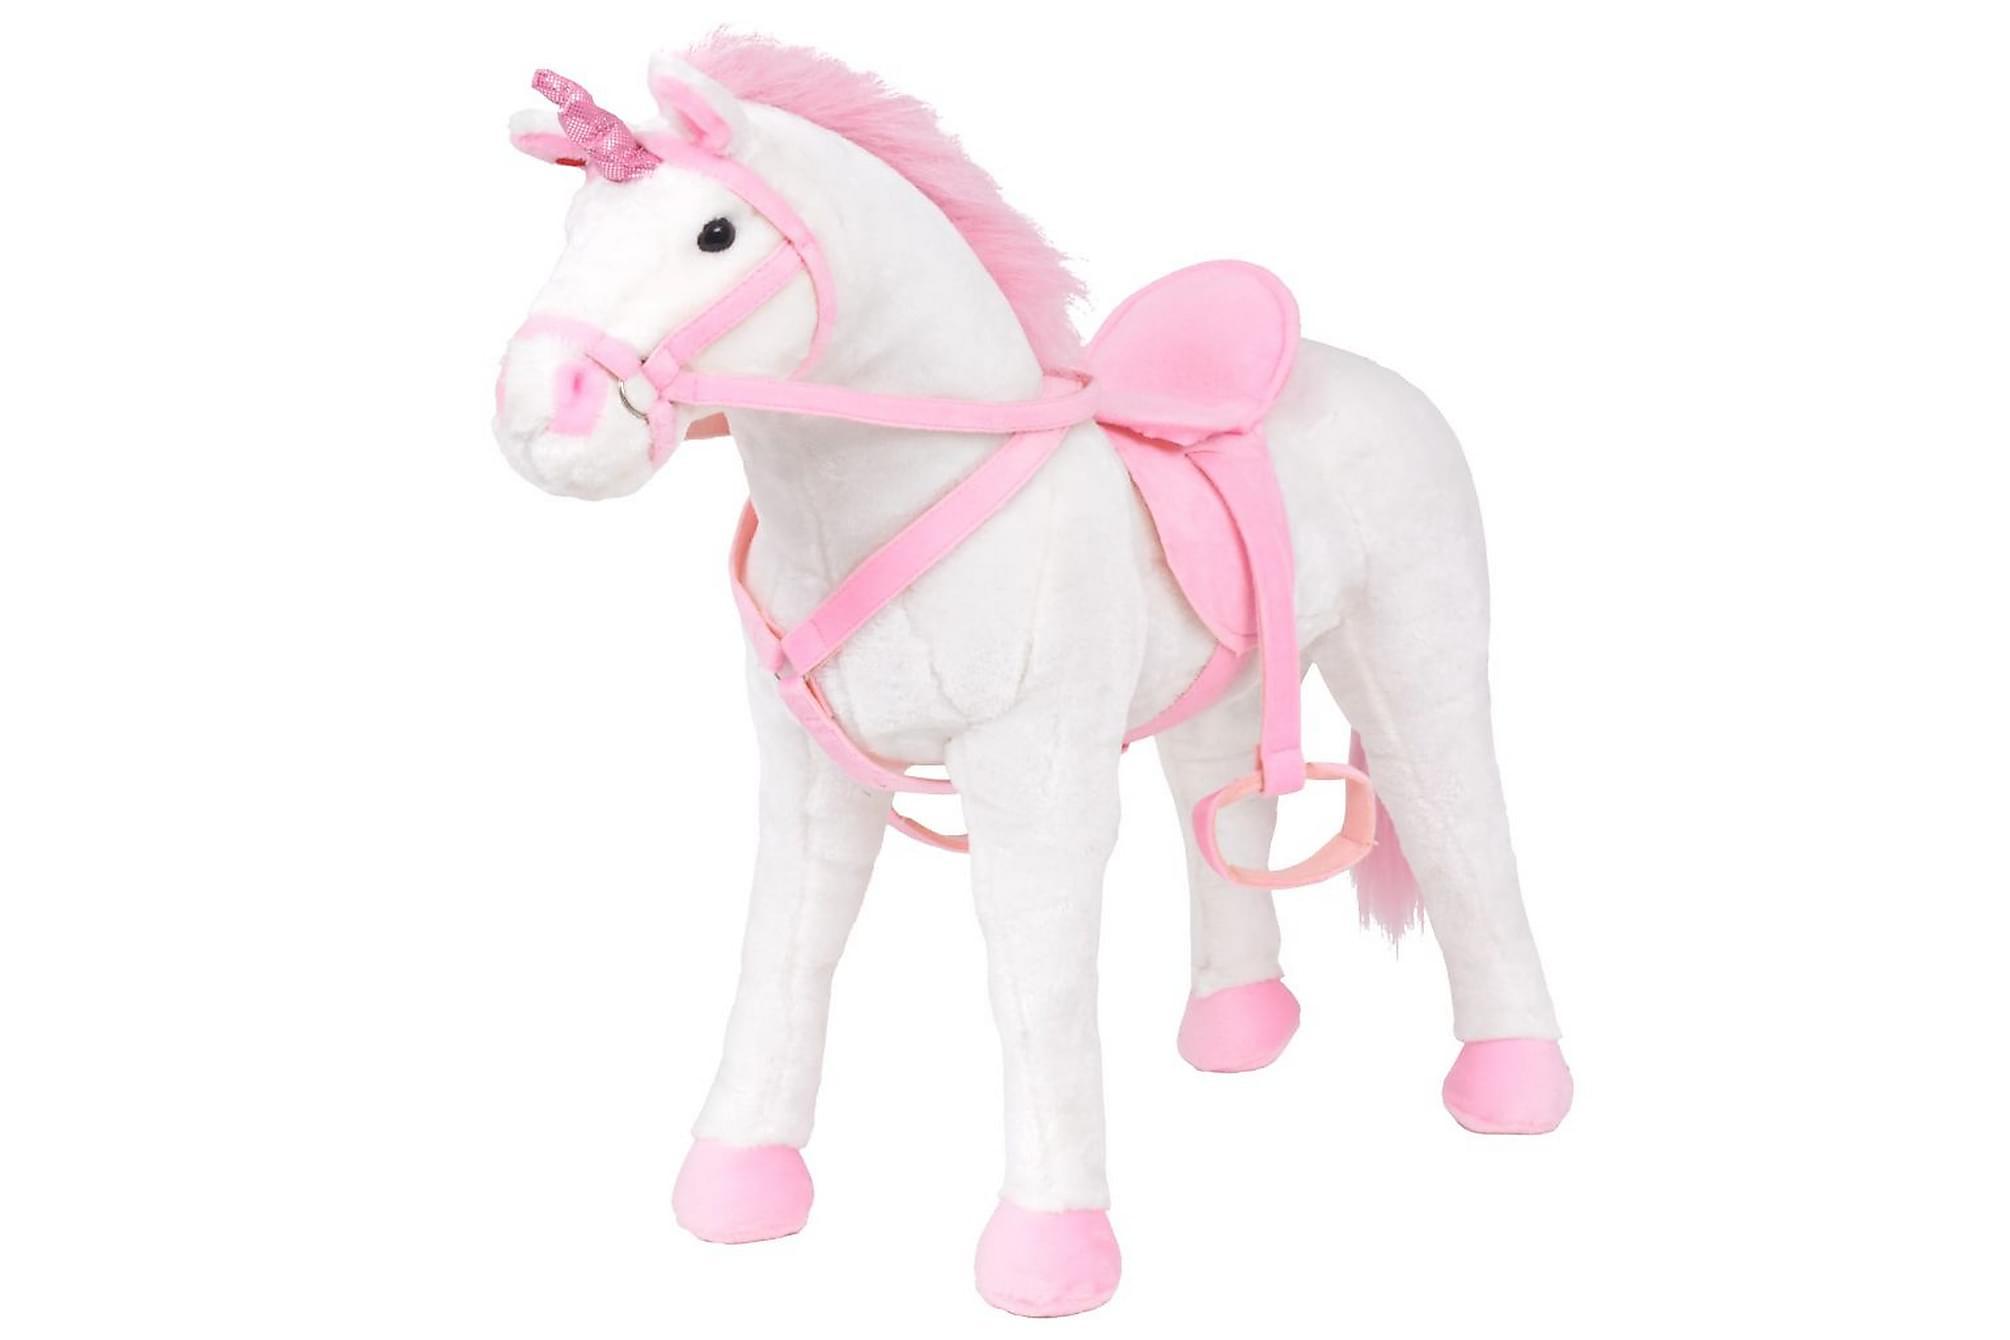 Stående leksaksenhörning plysch vit och rosa XXL